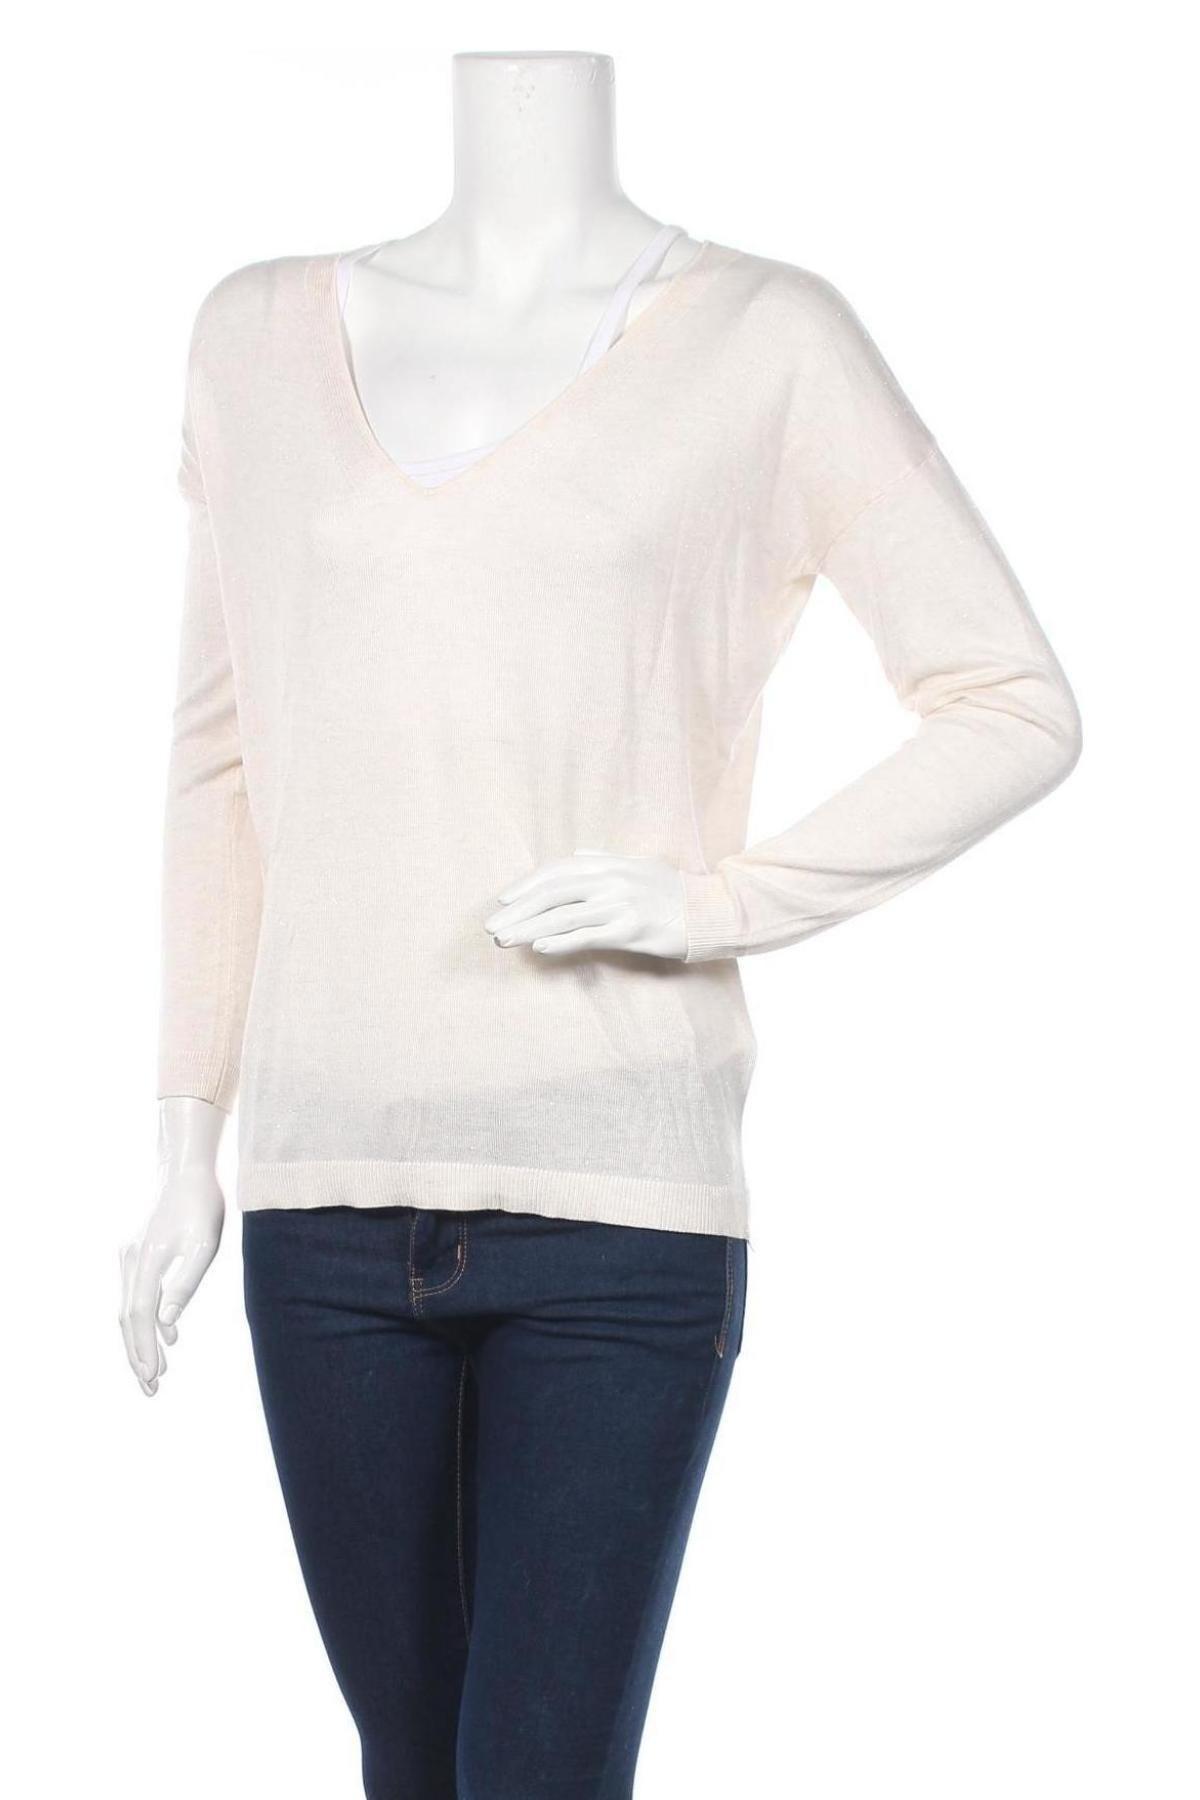 Γυναικείο πουλόβερ Etam, Μέγεθος M, Χρώμα  Μπέζ, 62% βισκόζη, 37% πολυαμίδη, 1% μεταλλικά νήματα, Τιμή 6,40€